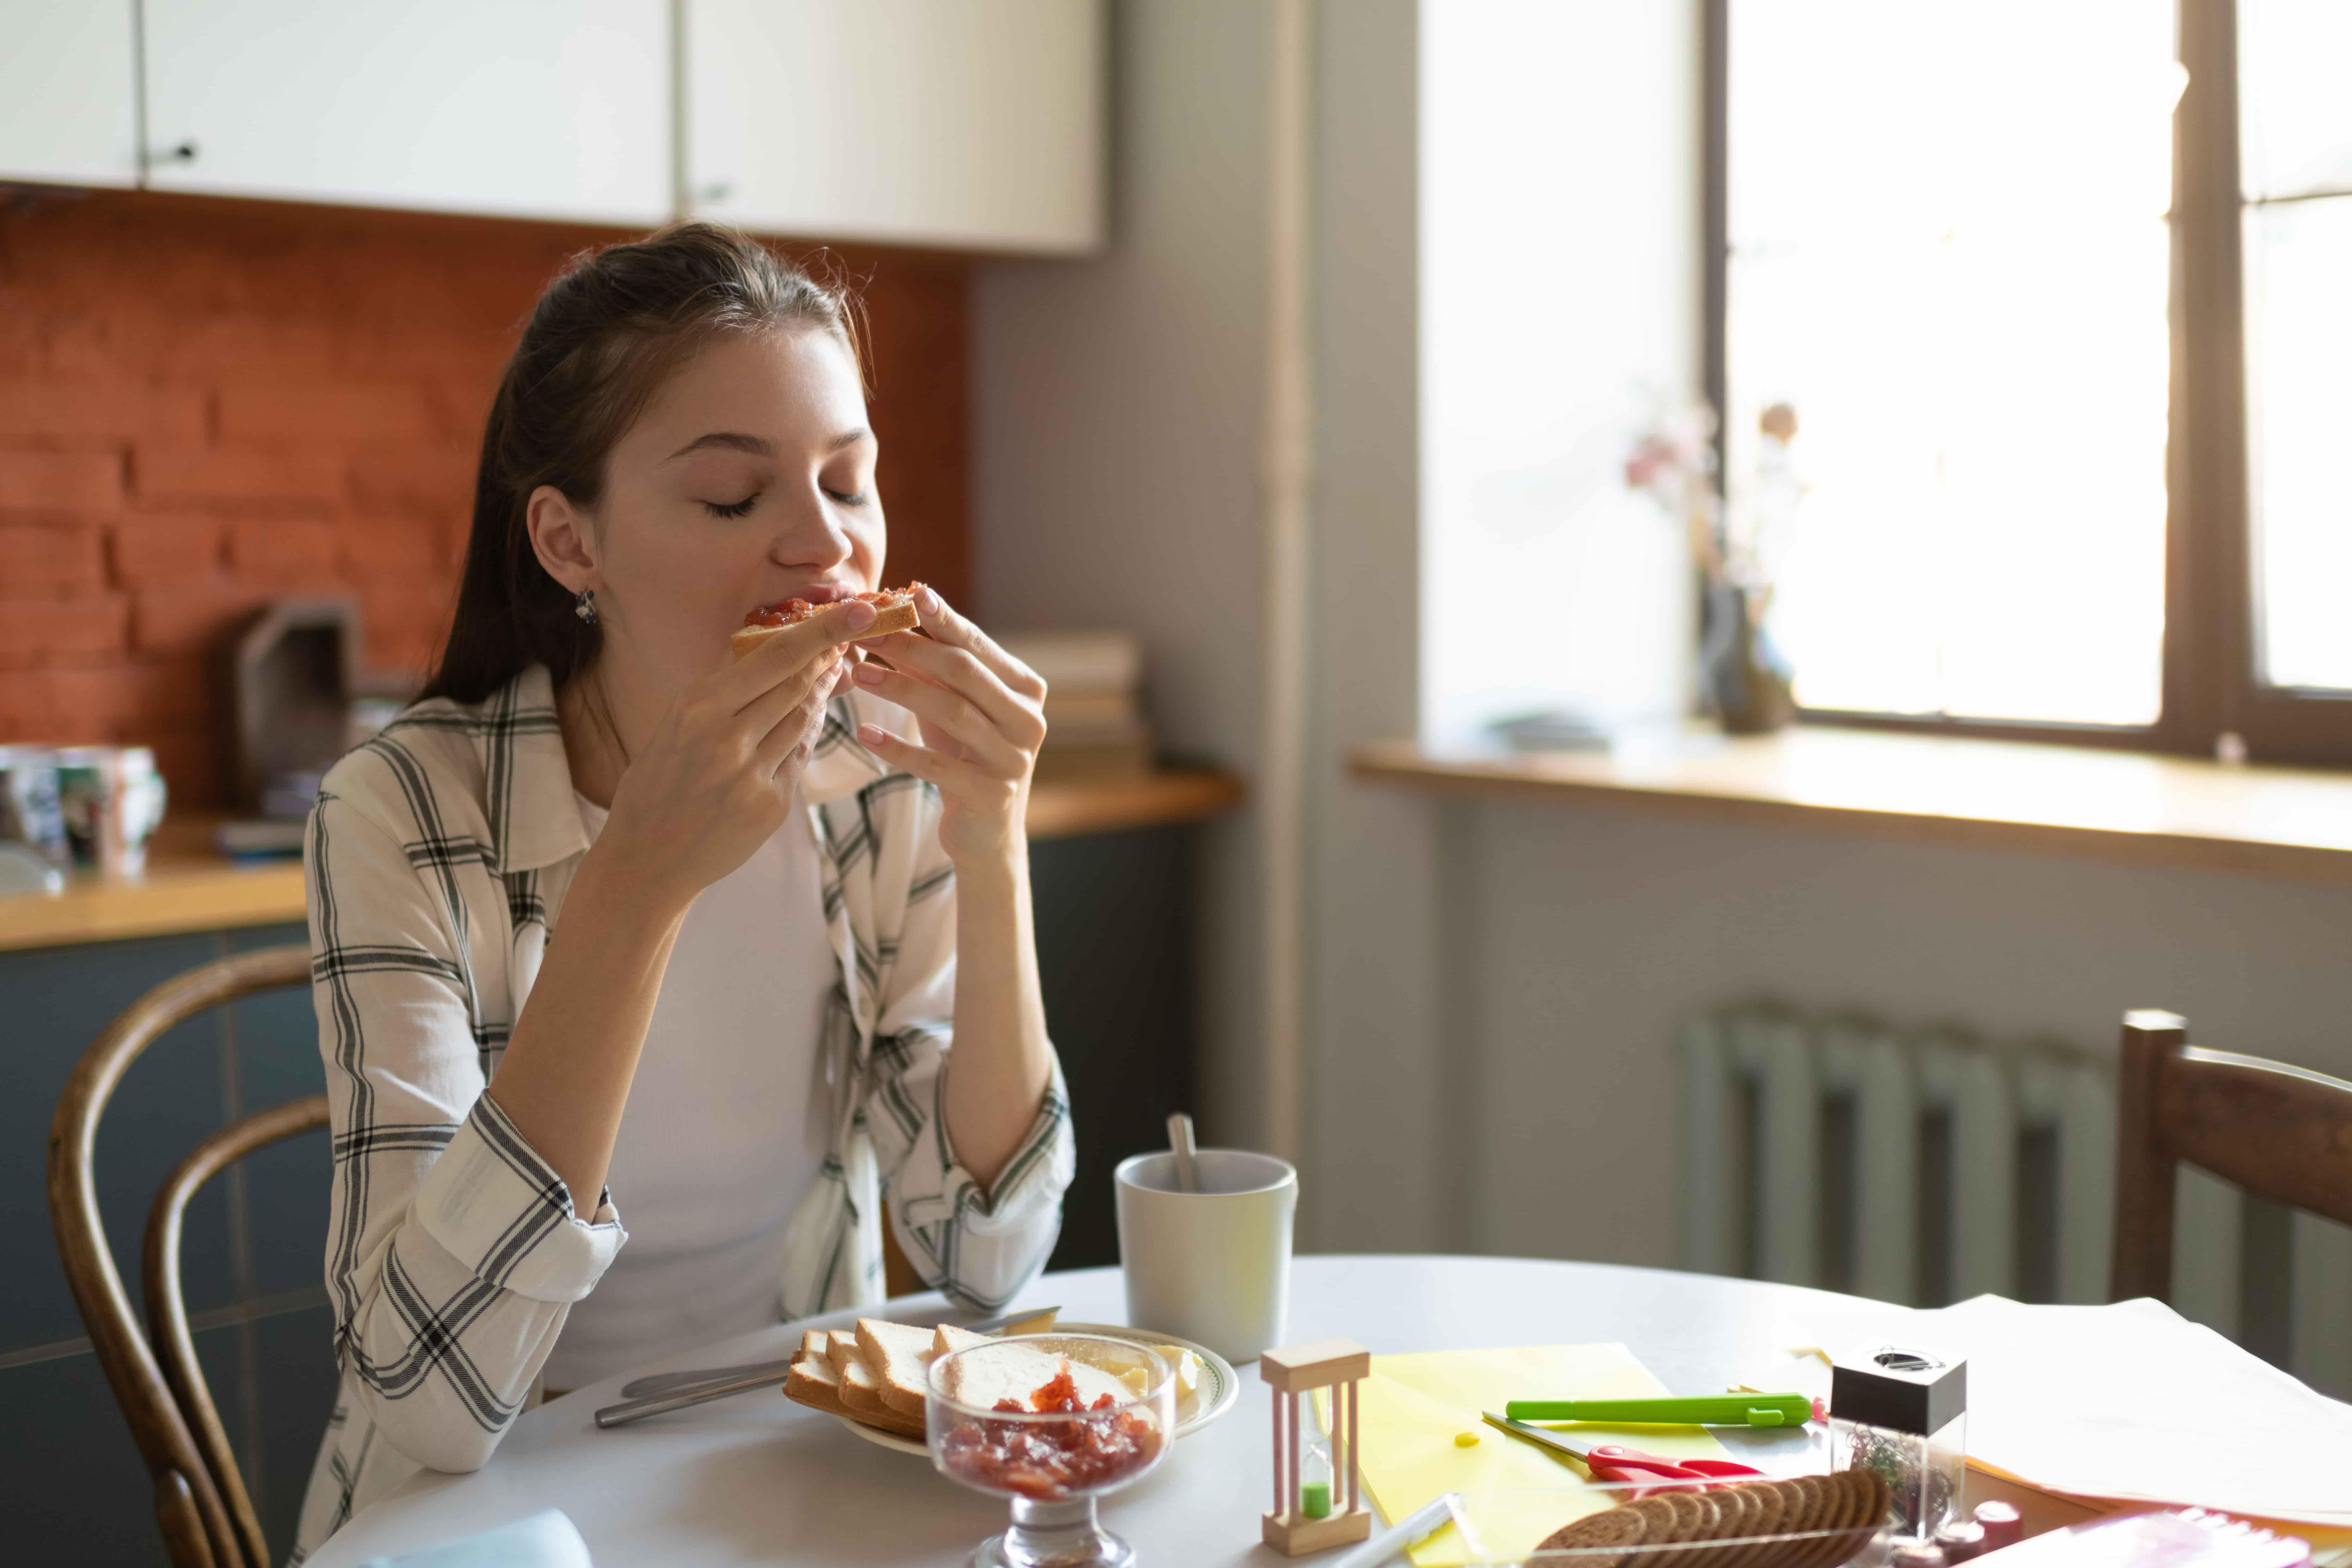 Арахисовая паста - суперфуд молодости и красоты. Чем она полезна. Есть ли у нее противопоказания